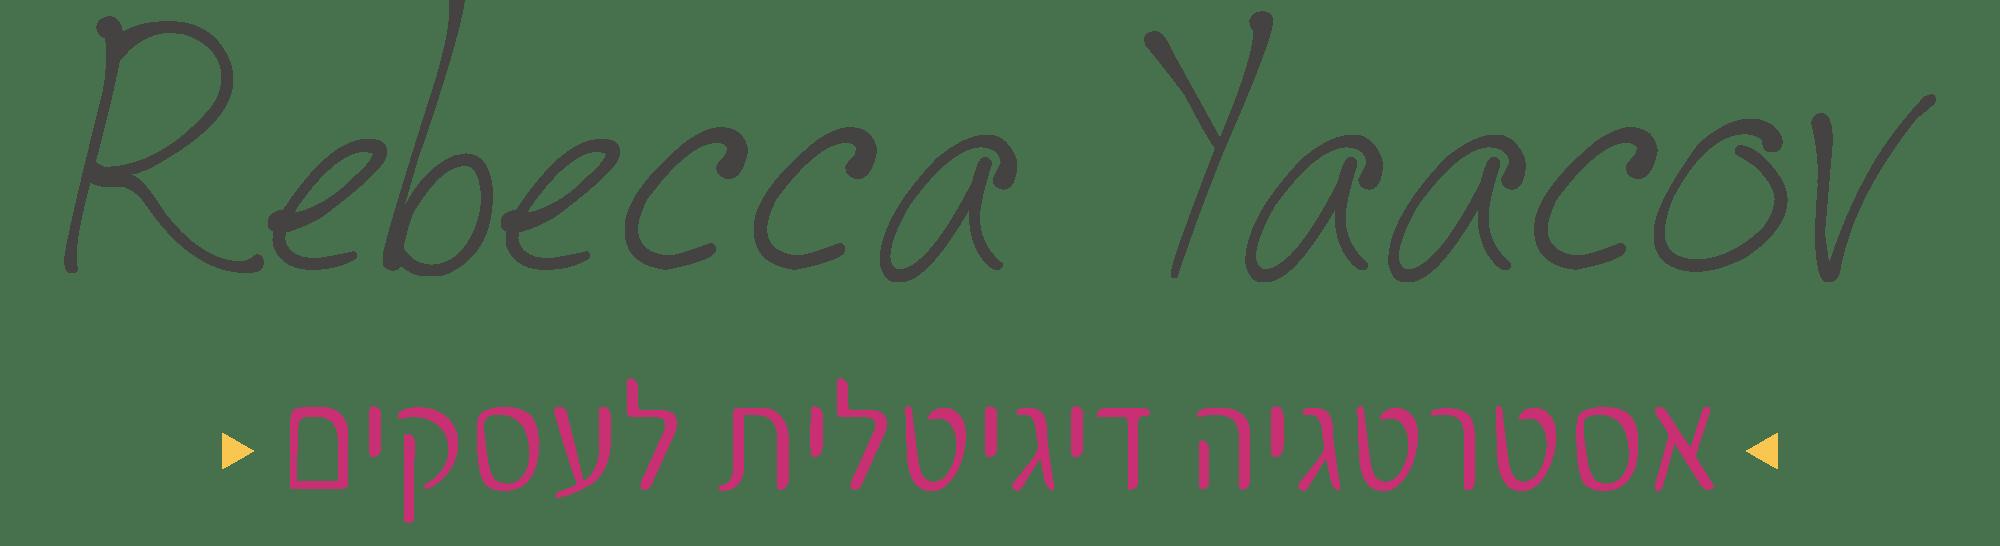 רבקה יעקב אסטרטגיה דיגיטלית לעסקים